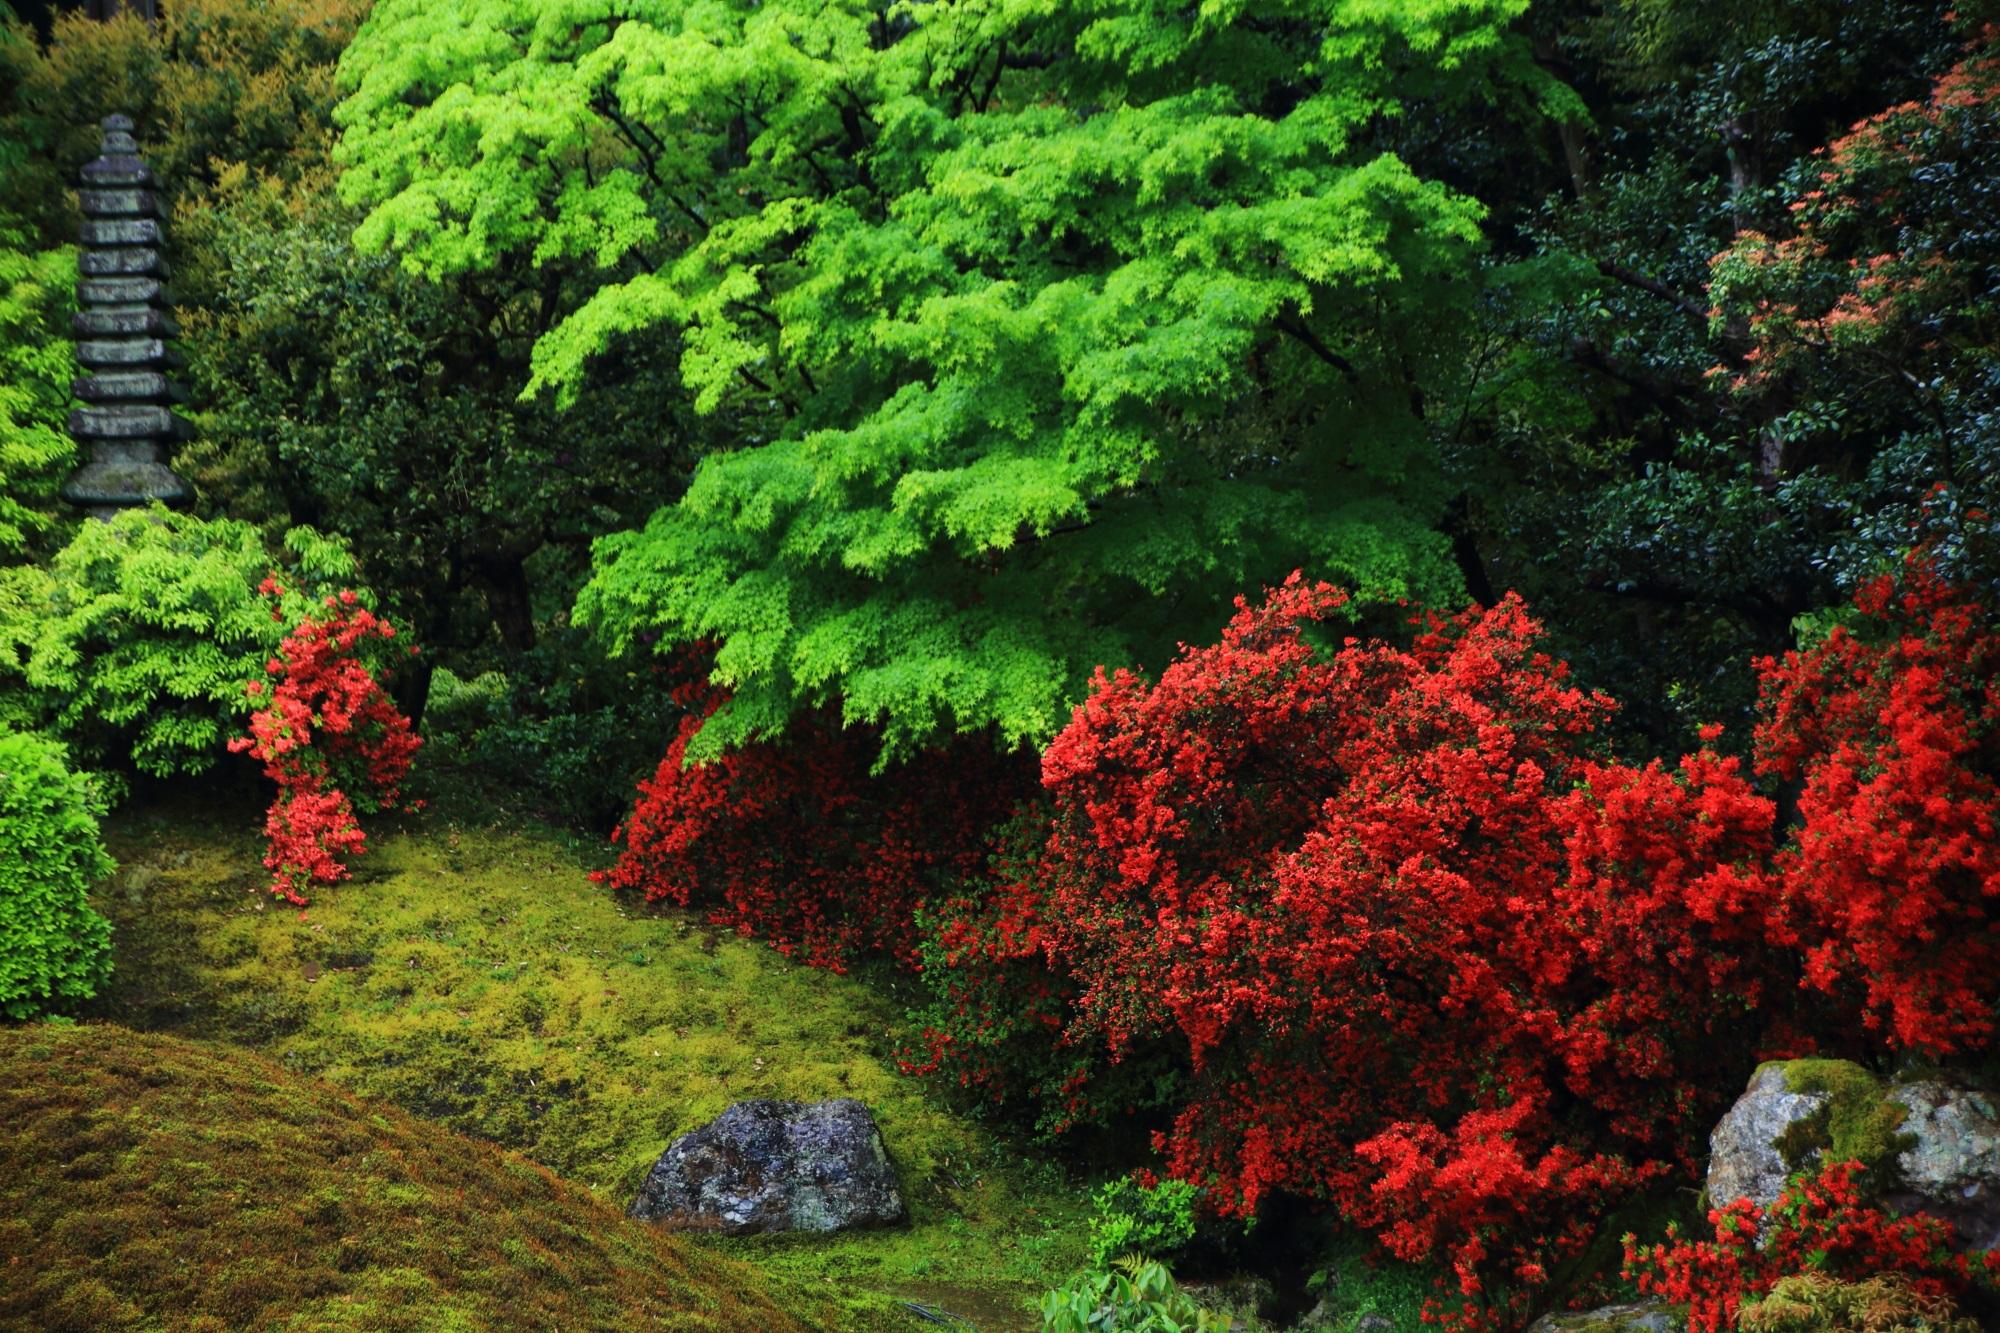 長閑な春を彩る鮮やかな赤色と緑色